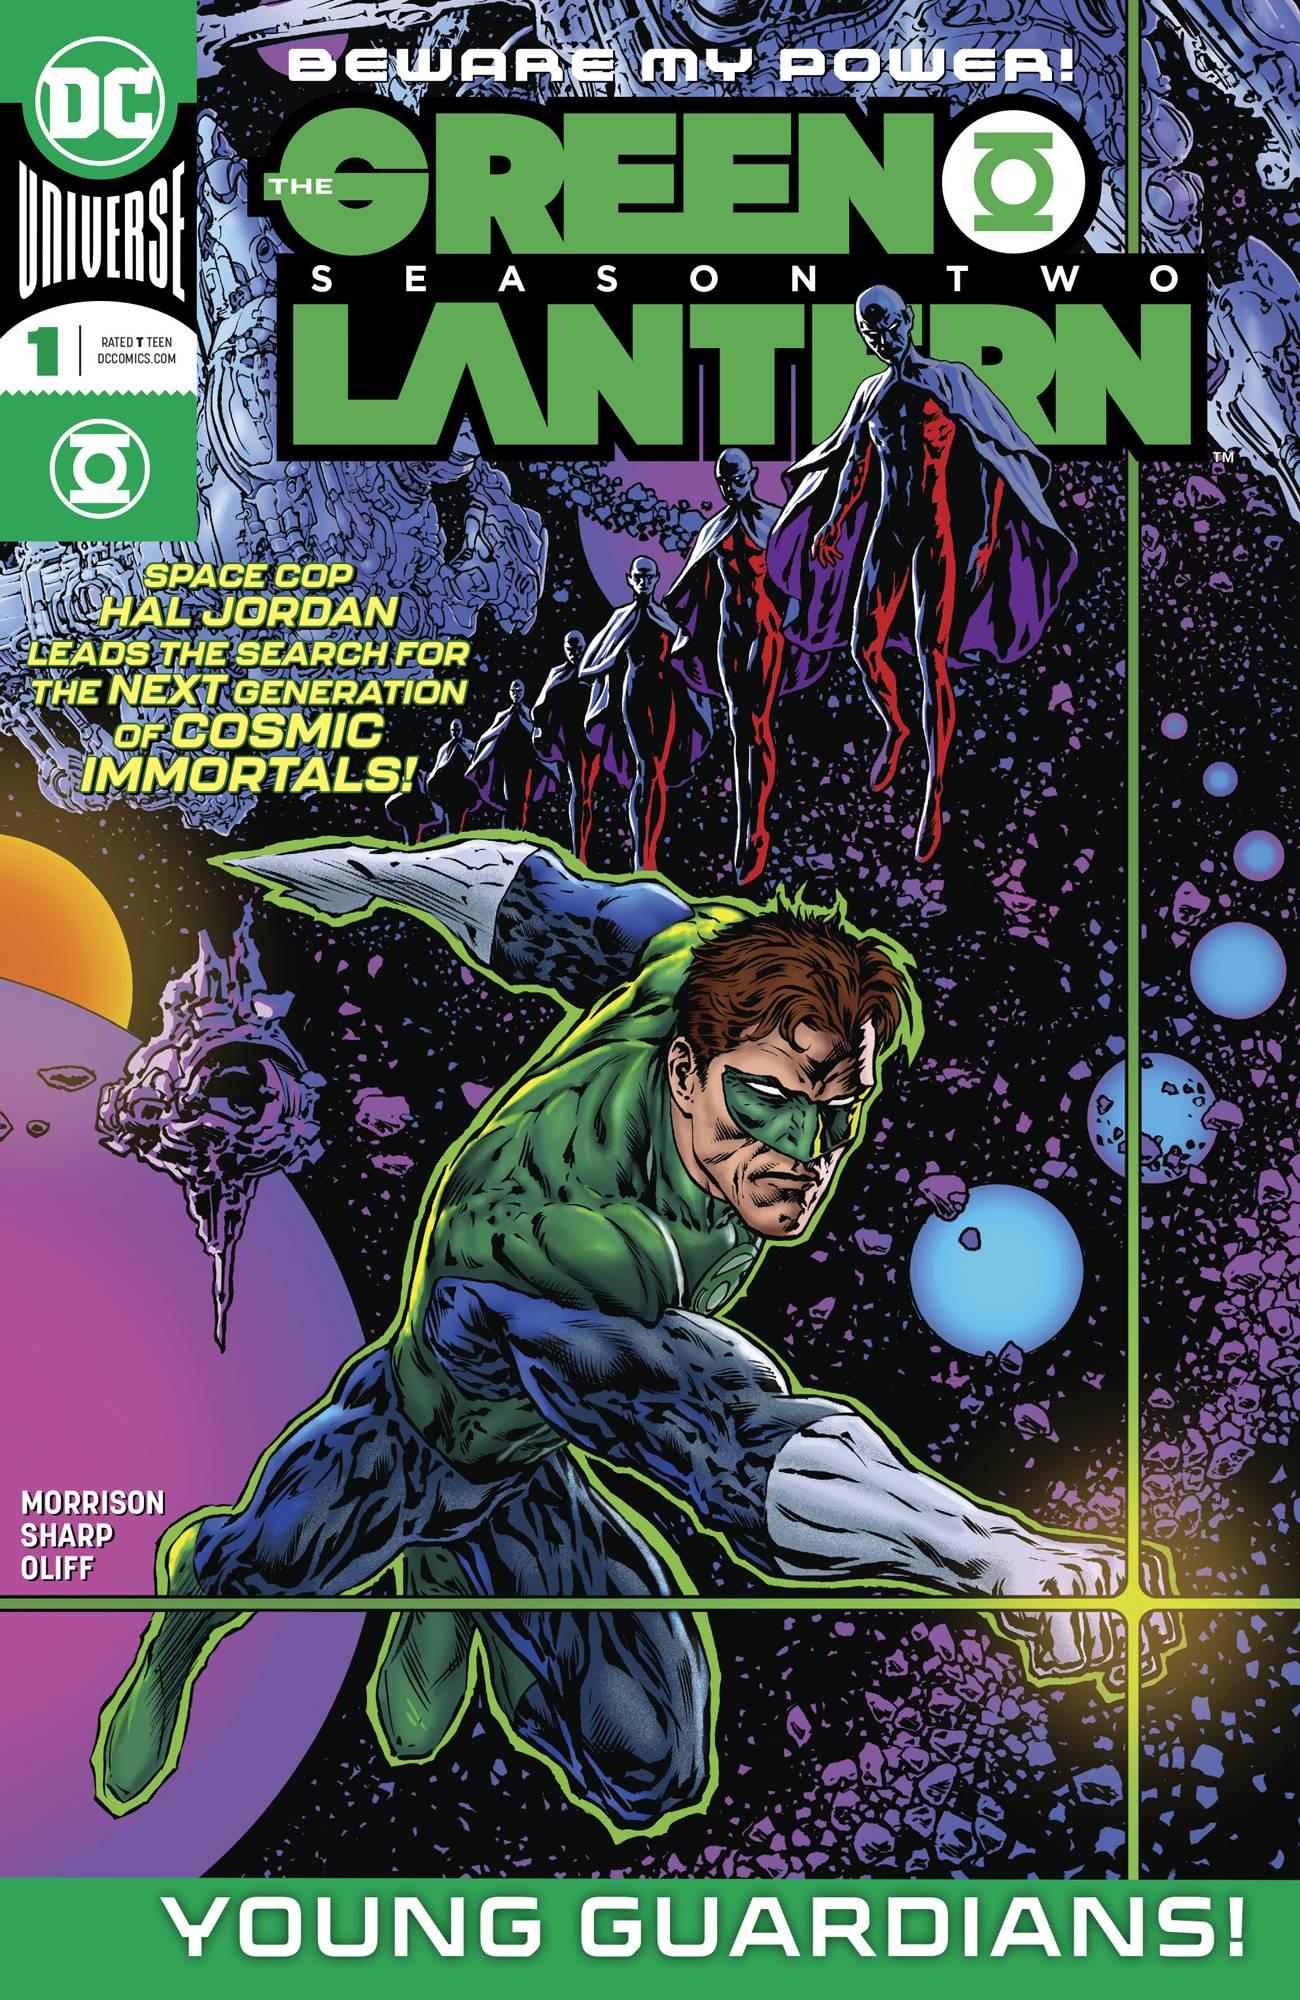 Green Lantern Season 2 #1 (2020)